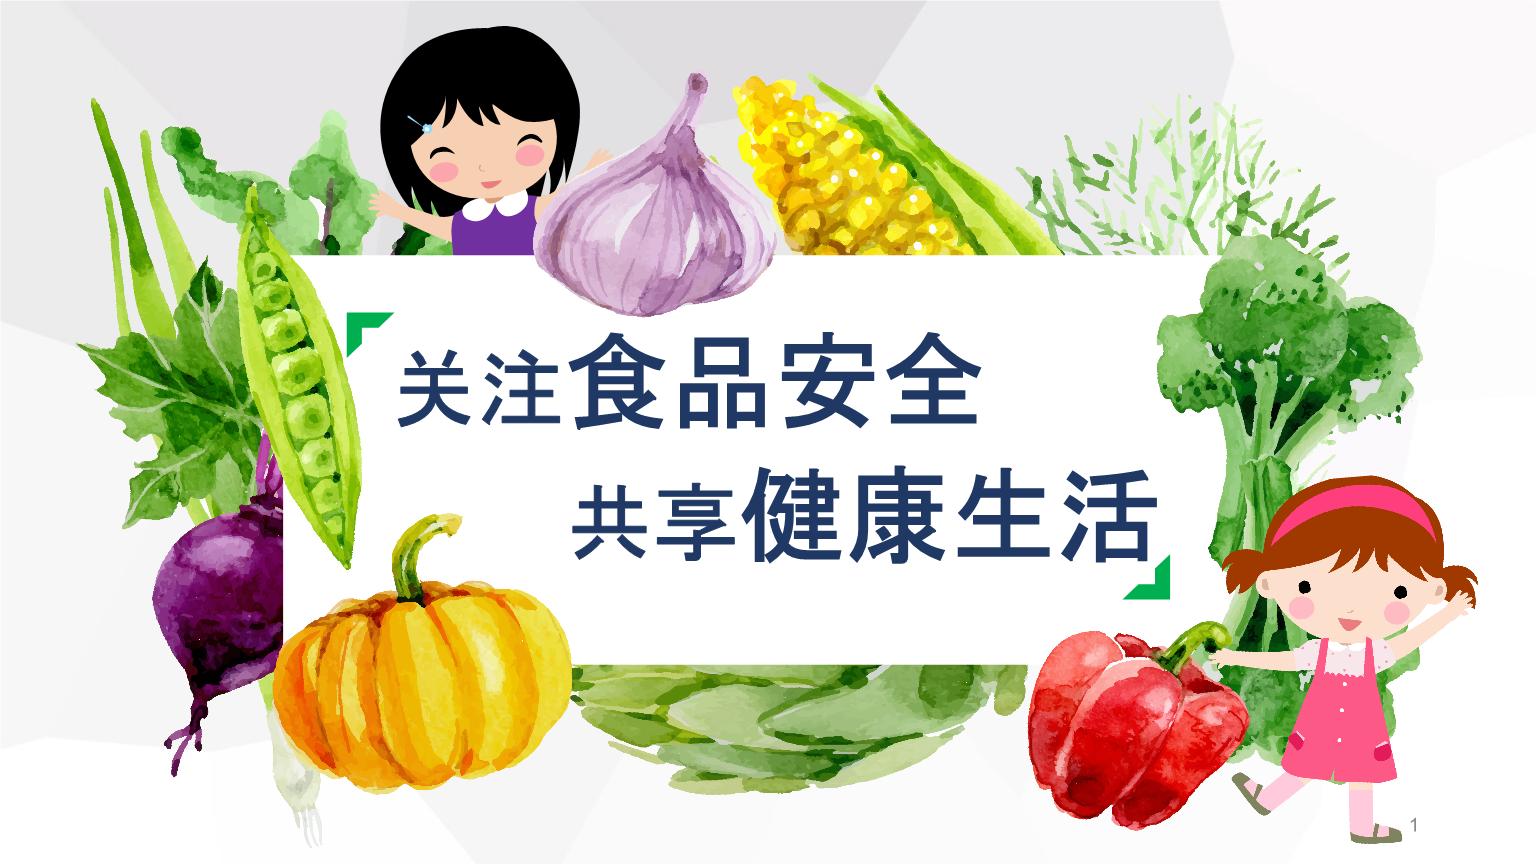 【卡通】教学小学生精品食品安全模板教育ppt校园.pptx日本漫画变性图片